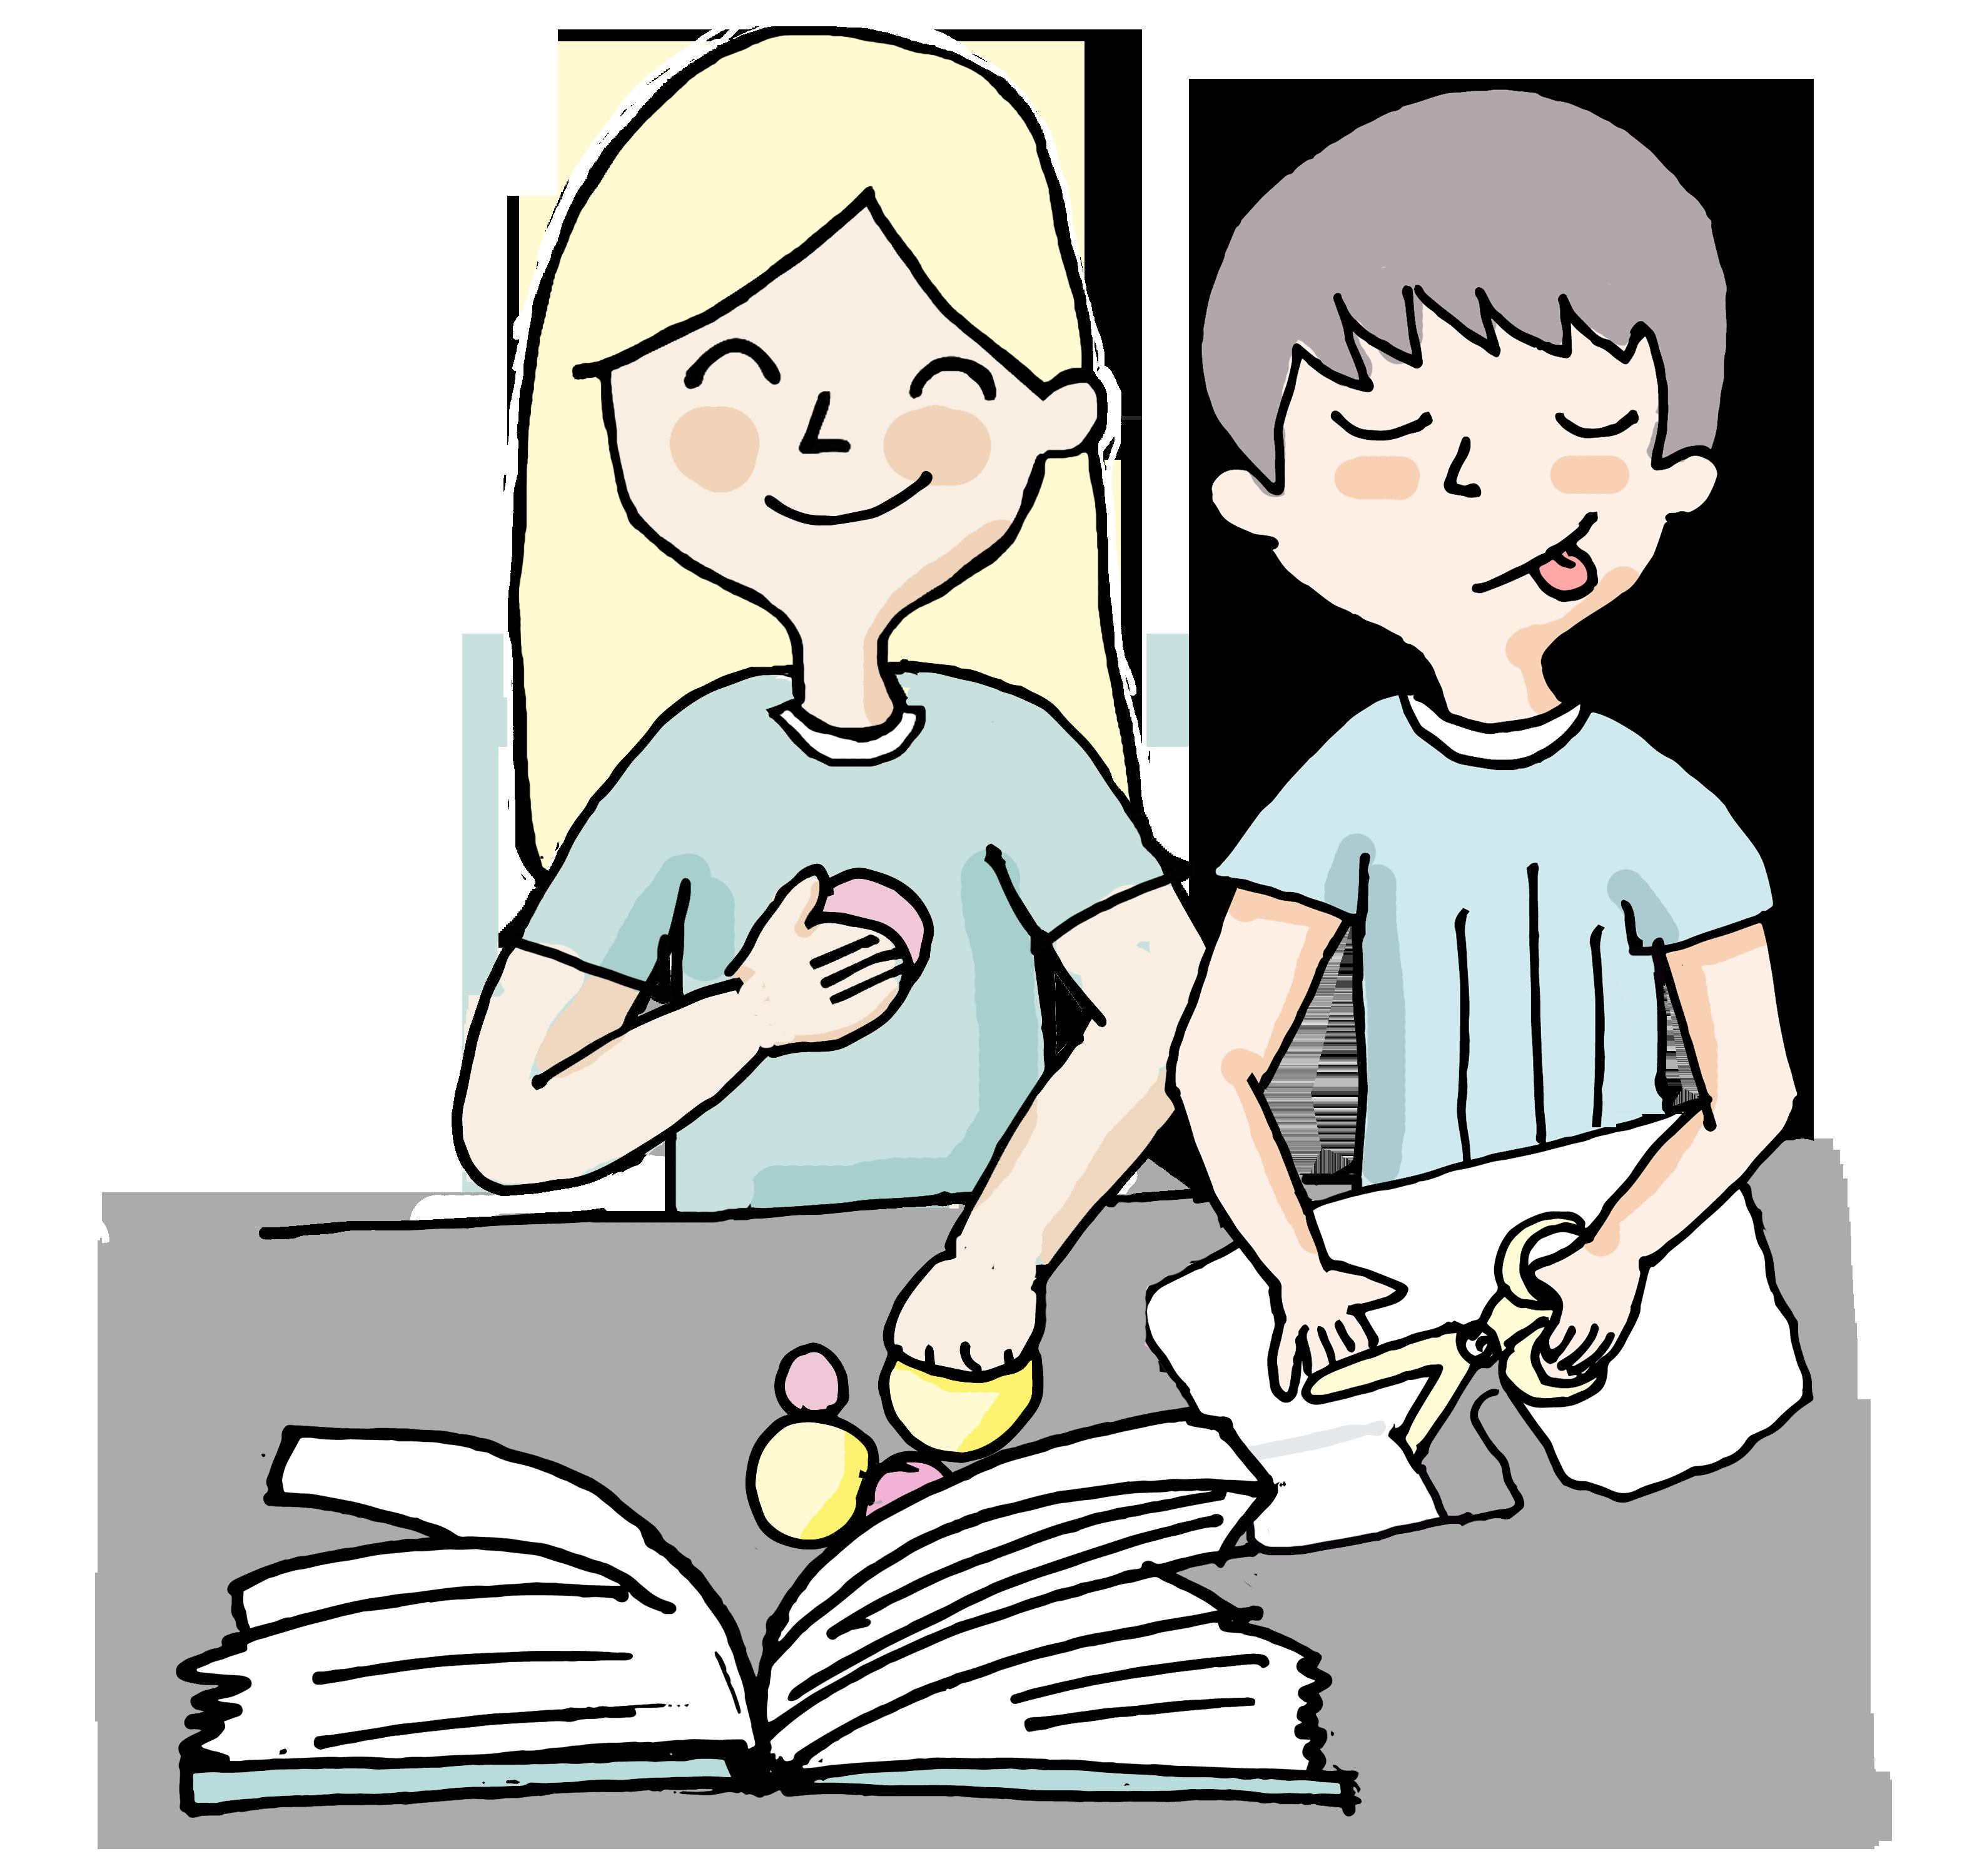 manualidades para niños fáciles y divertidas